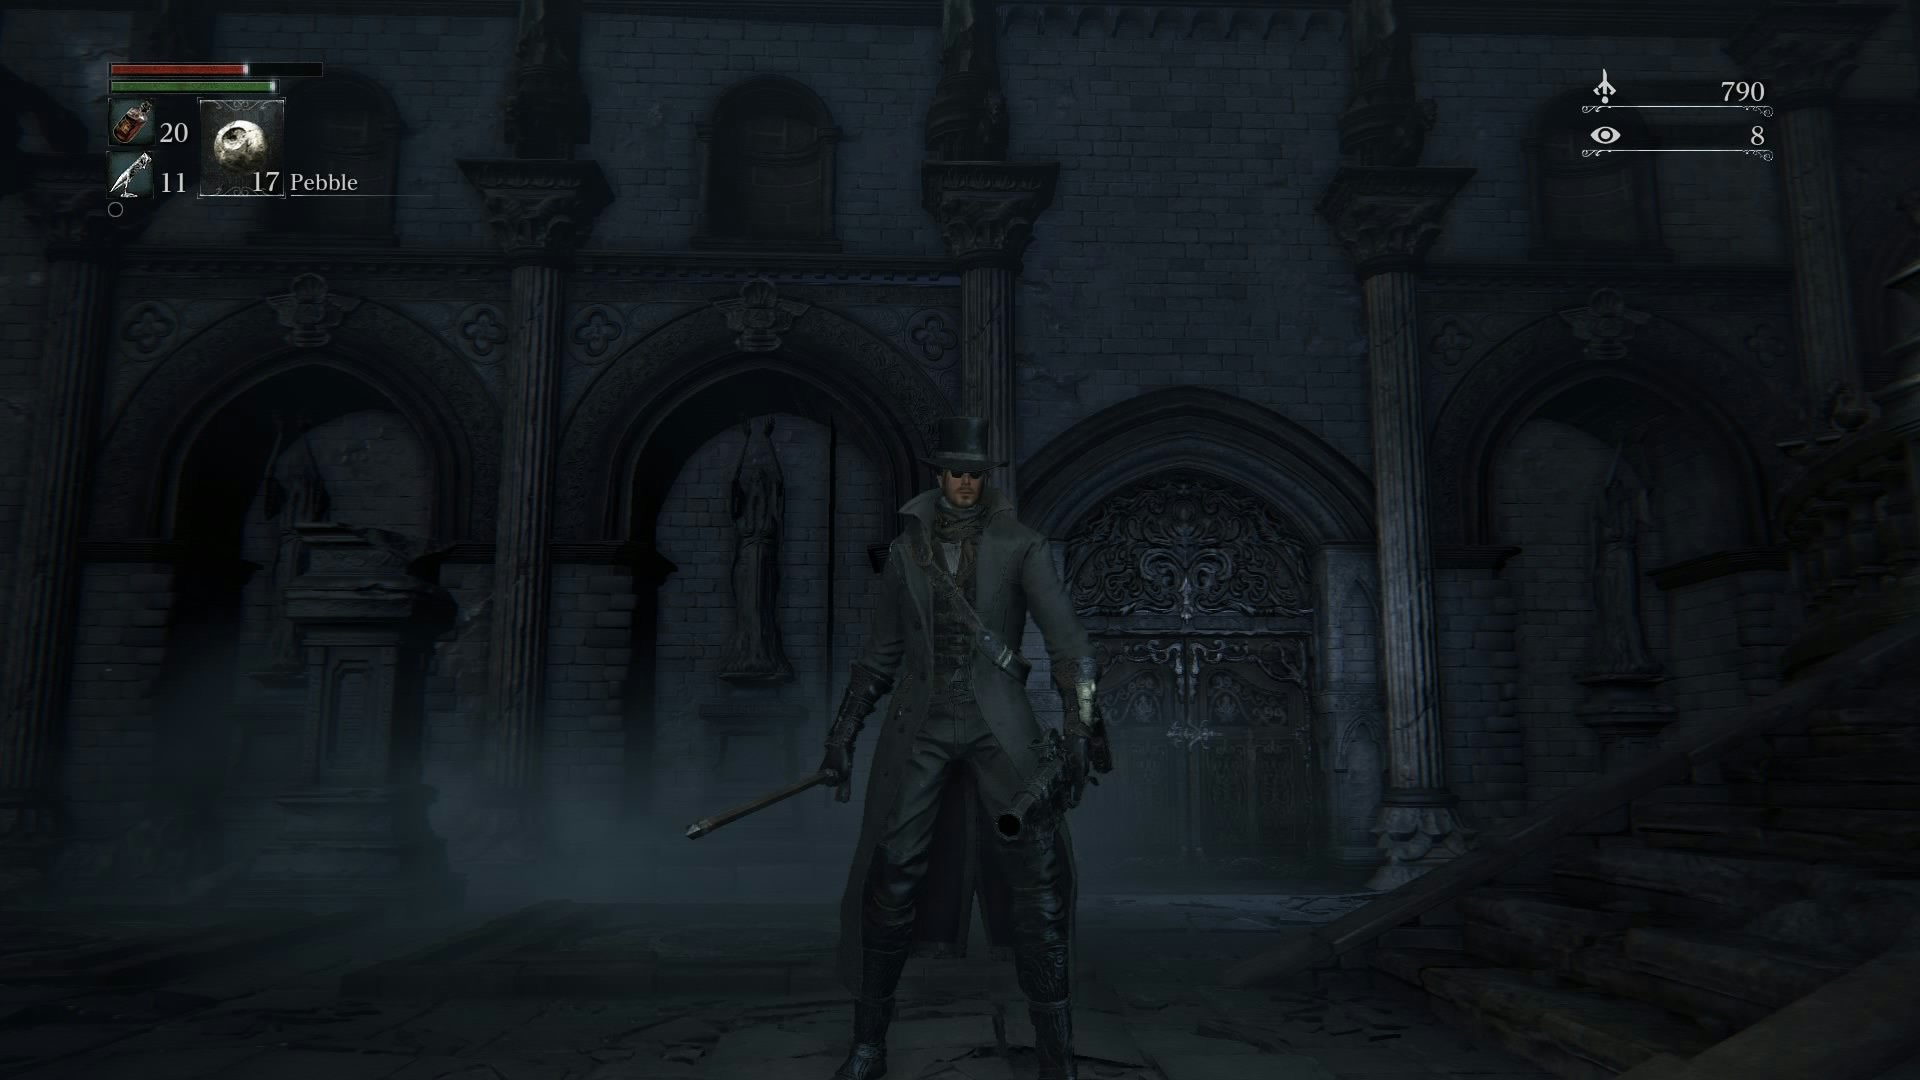 Продажи Bloodborne в некоторых странах начались раньше запланированного. - Изображение 1